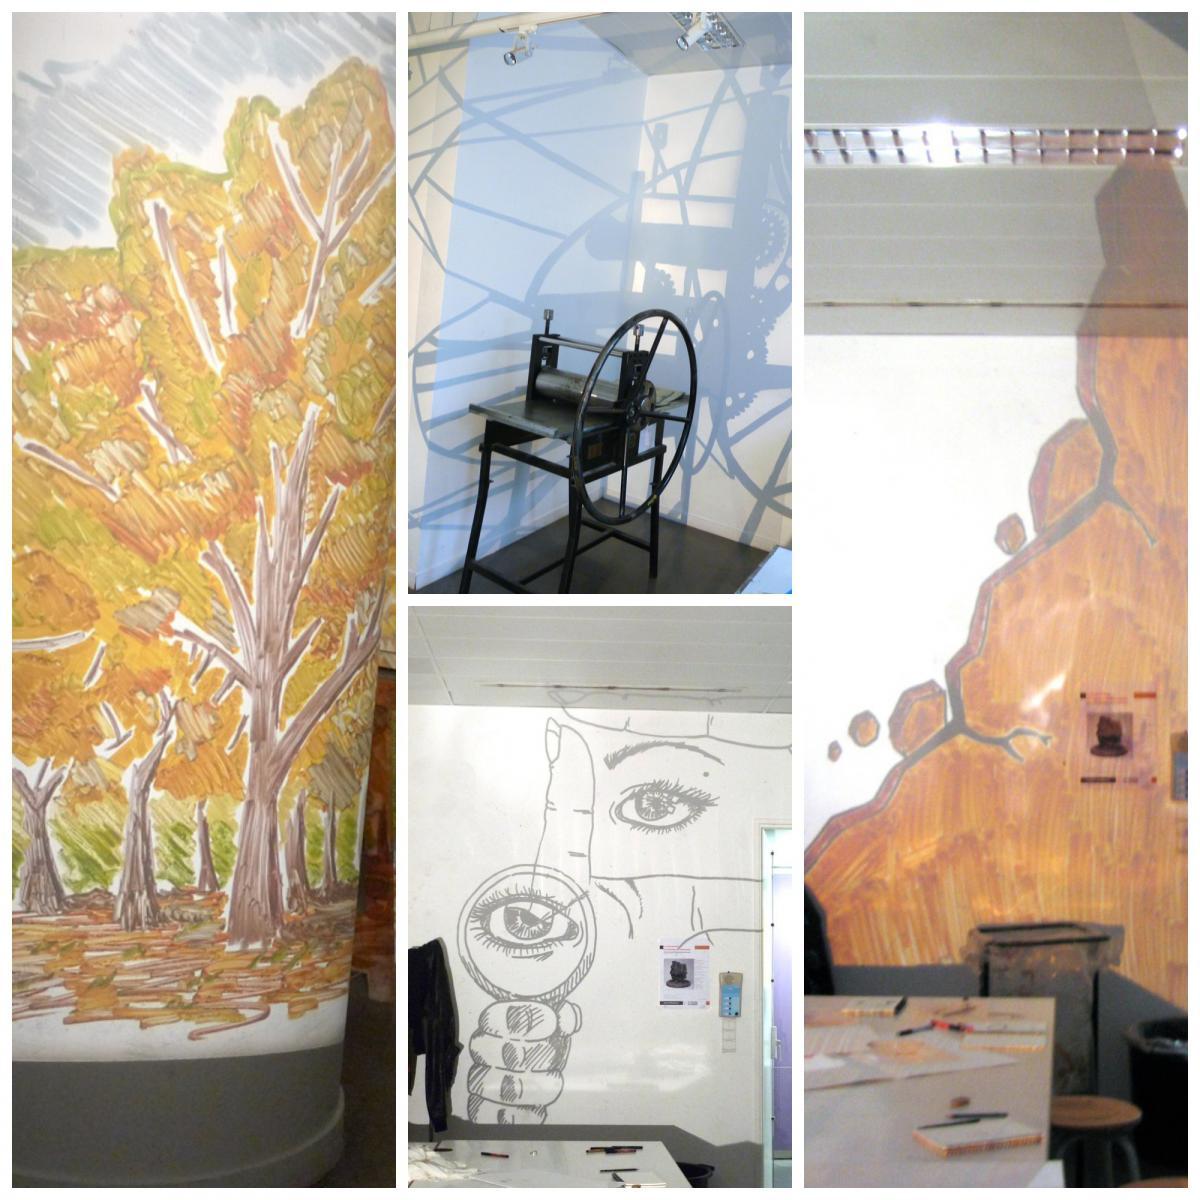 auberfabrik Fabrication collective d'un jardin de papier